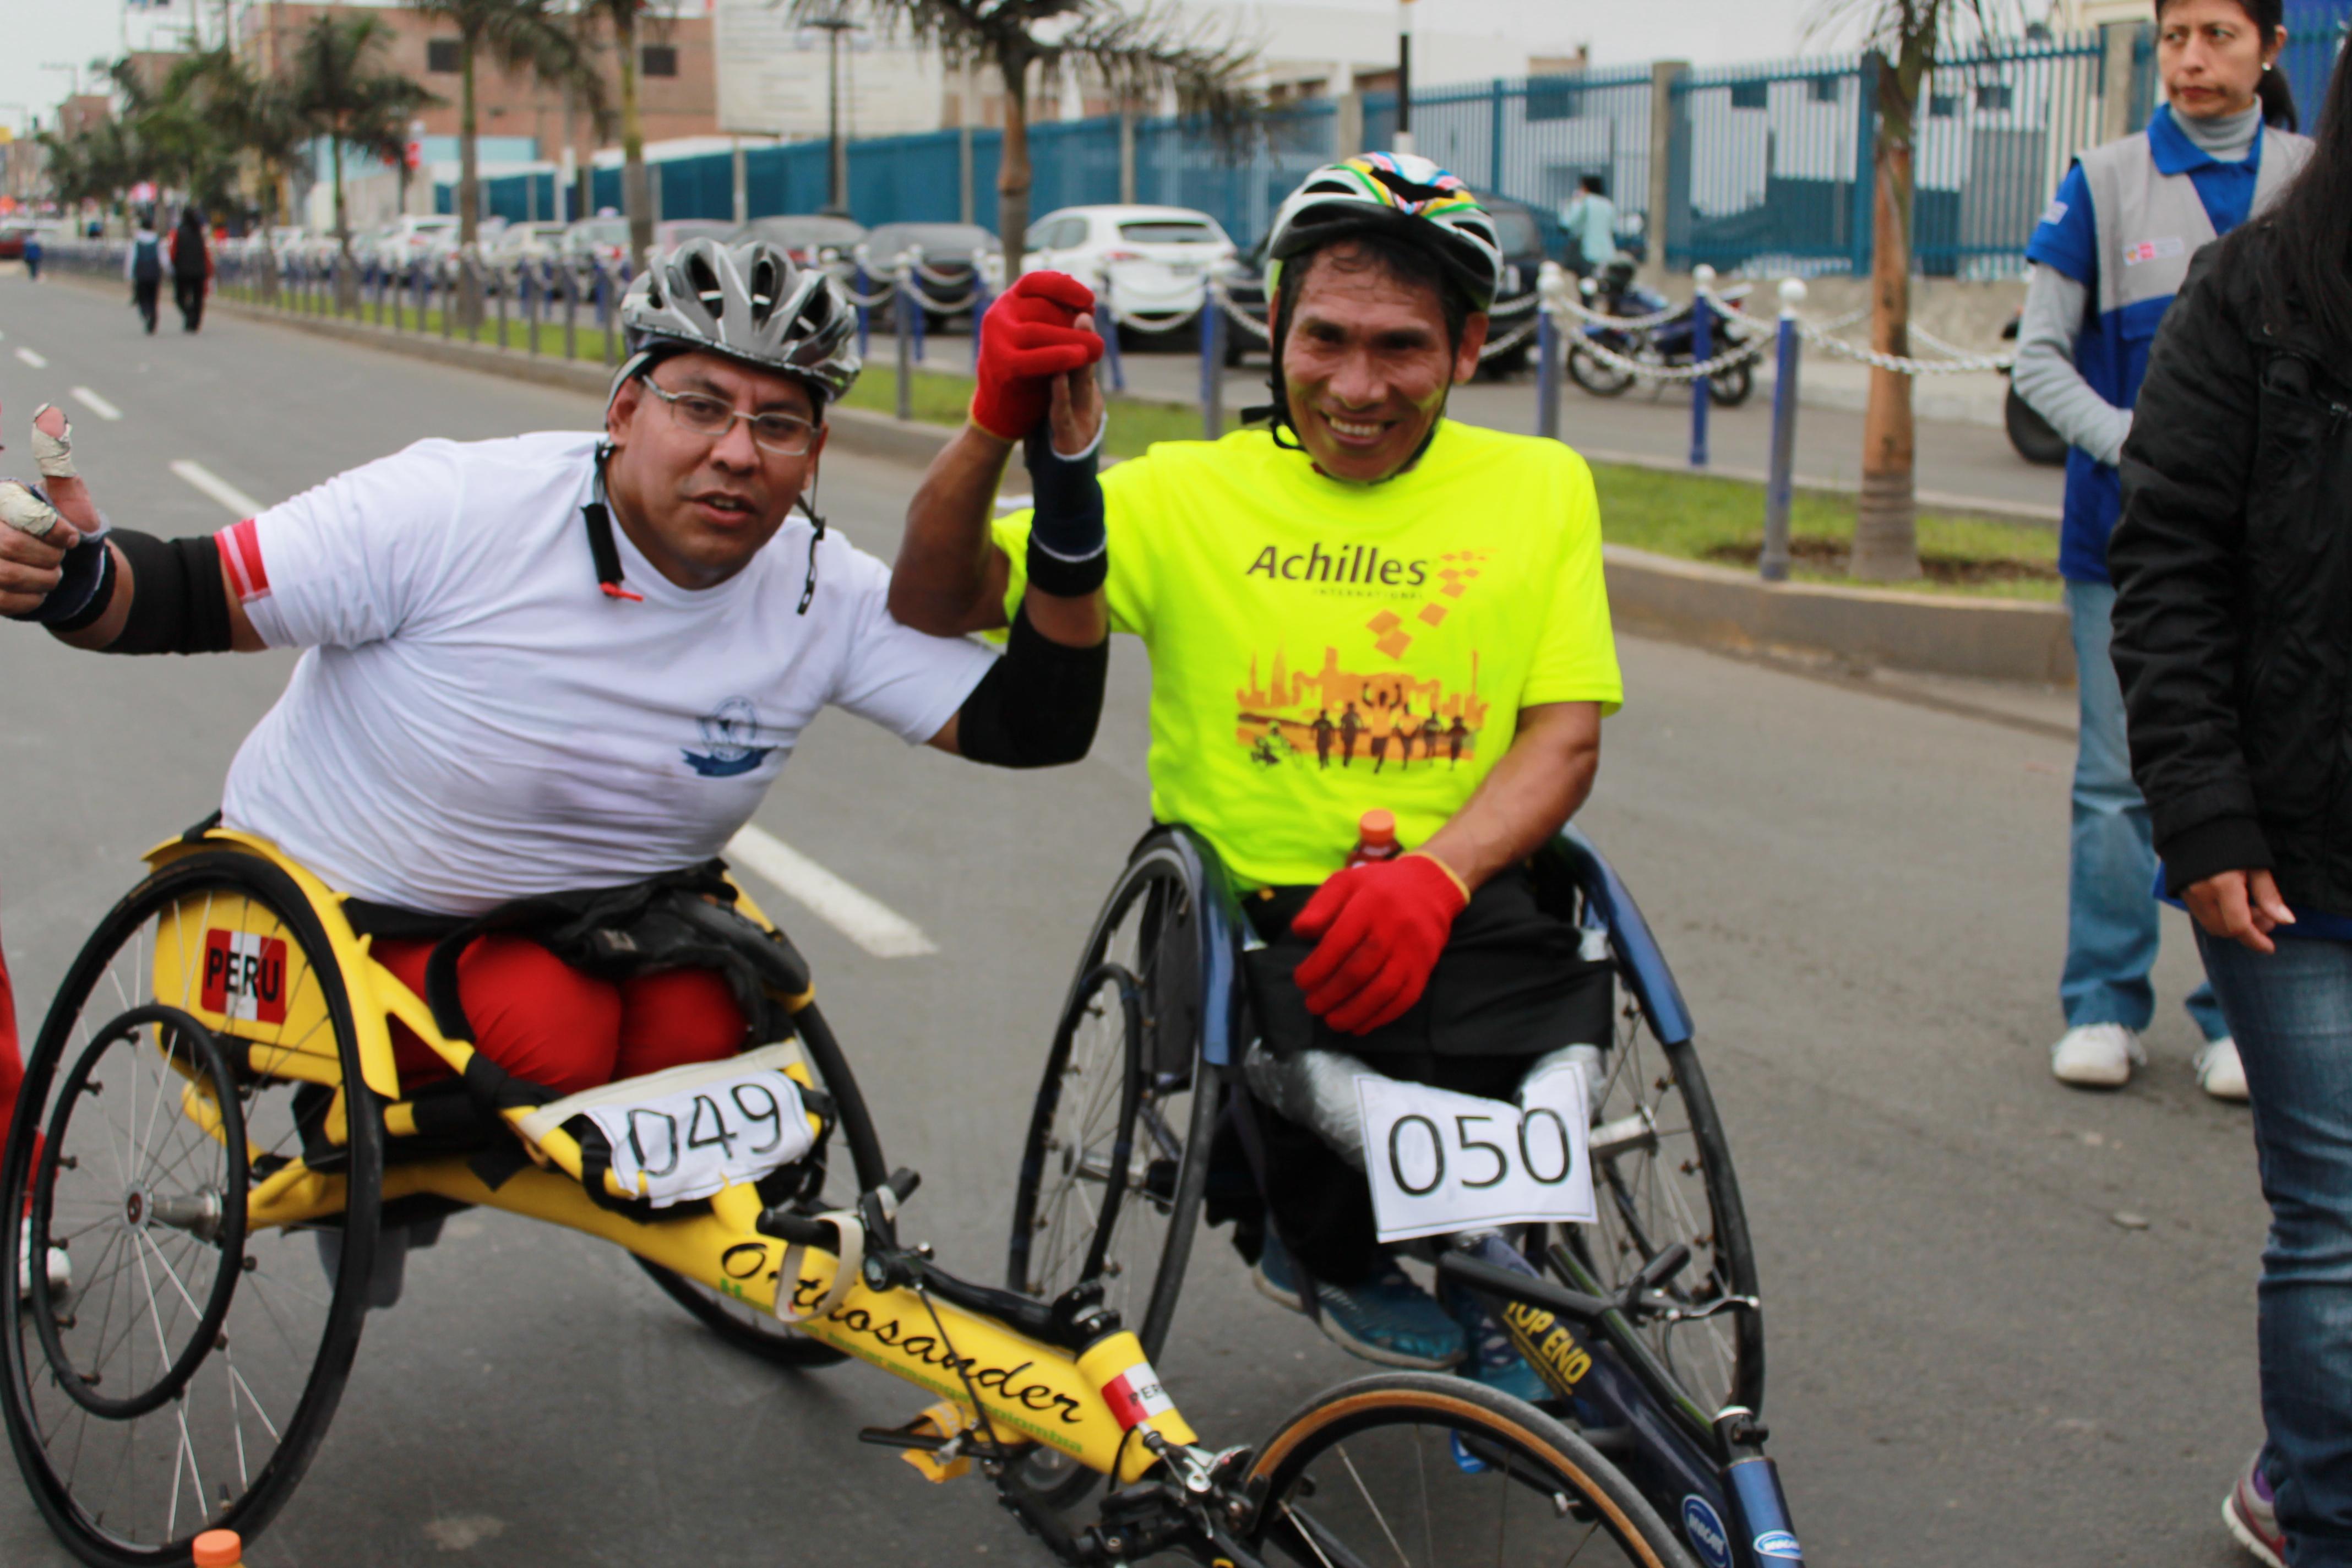 Los deportistas Carlos Benavente y Marcelo Roca  ganaron en su categoría (Foto: Sheilly Janampa / Aficionline.com).